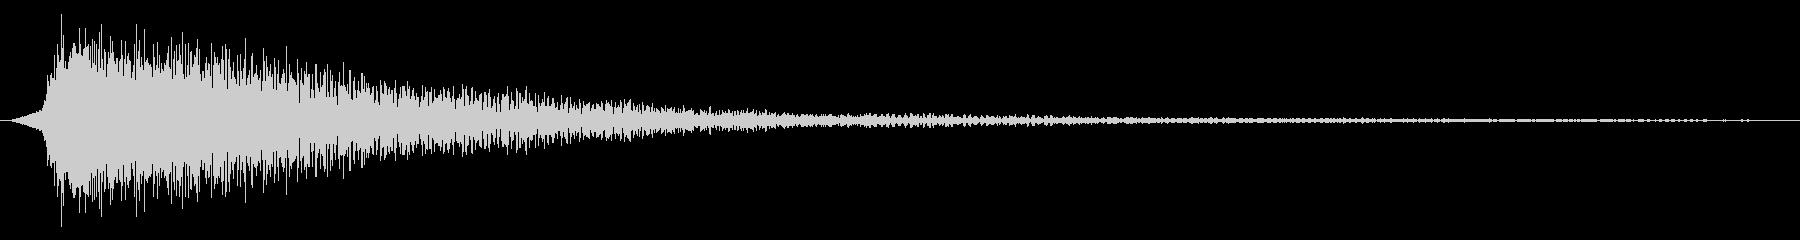 人狼・脱出ゲーム用効果音「衝撃・緊迫3」の未再生の波形